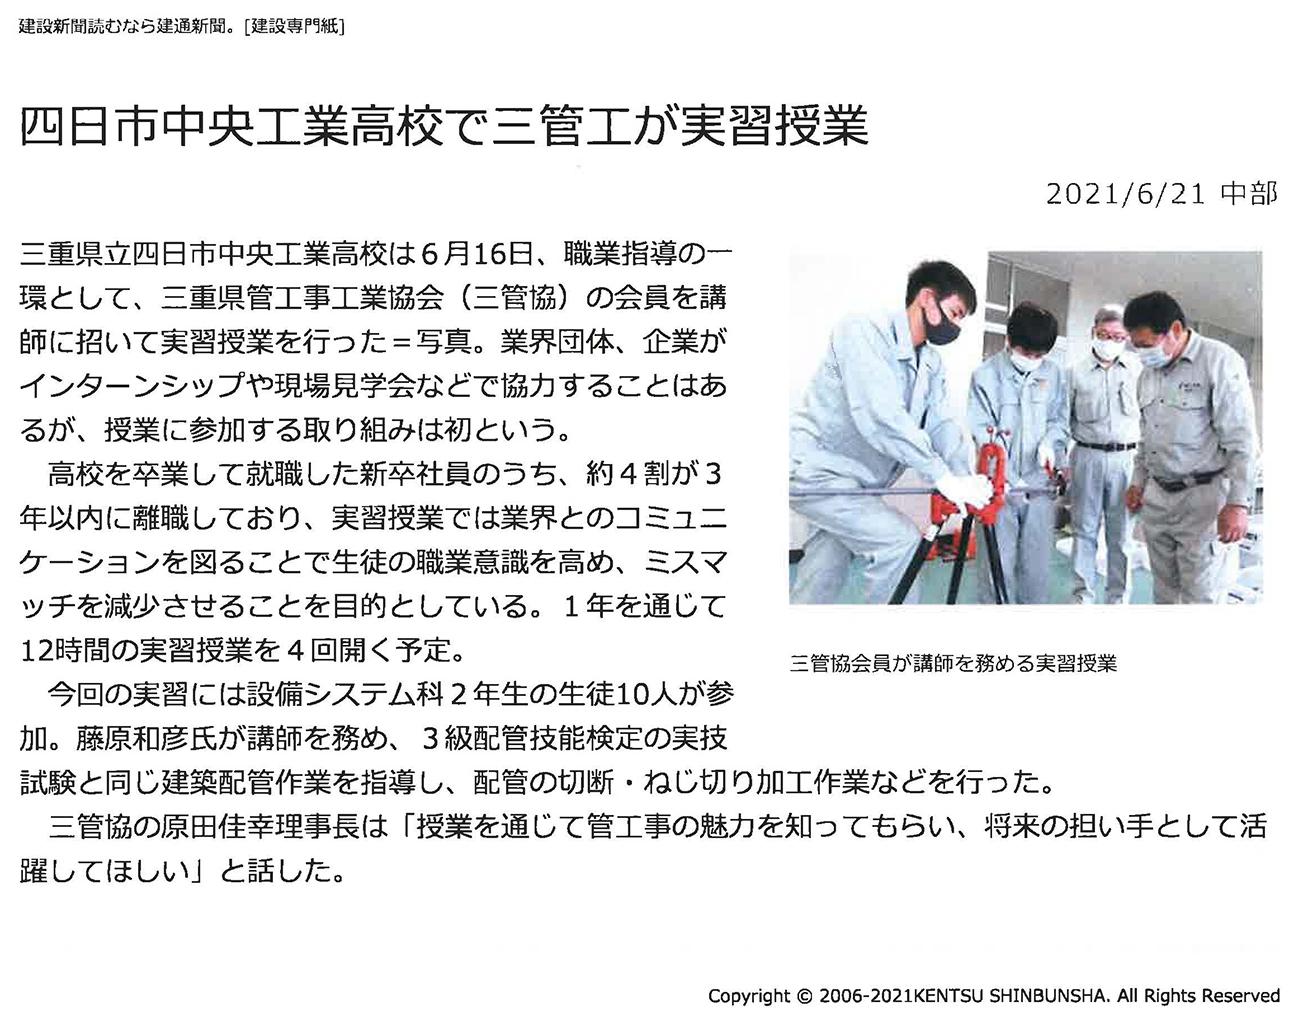 建通新聞「三管工が実習授業」の記事写真カラー